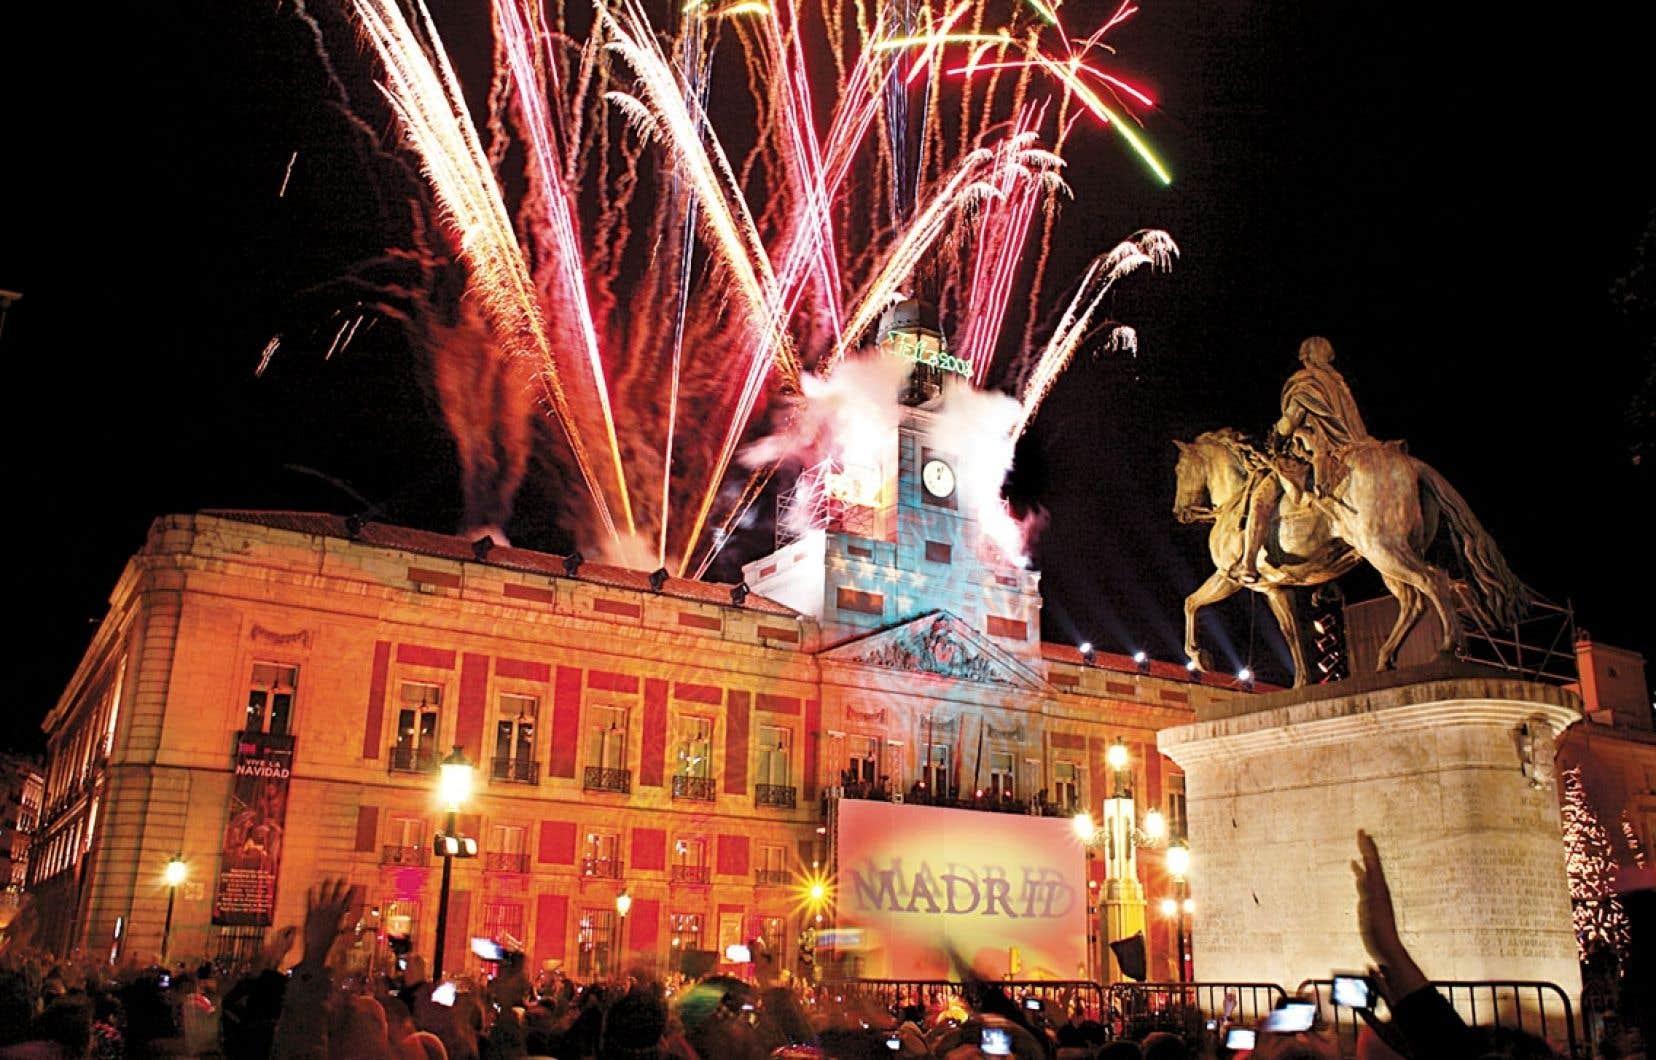 À Madrid : les gens se réunissent à Puerta del Sol et croquent un raisin sur chacun des douze coups de minuit afin que la nouvelle année soit prospère.